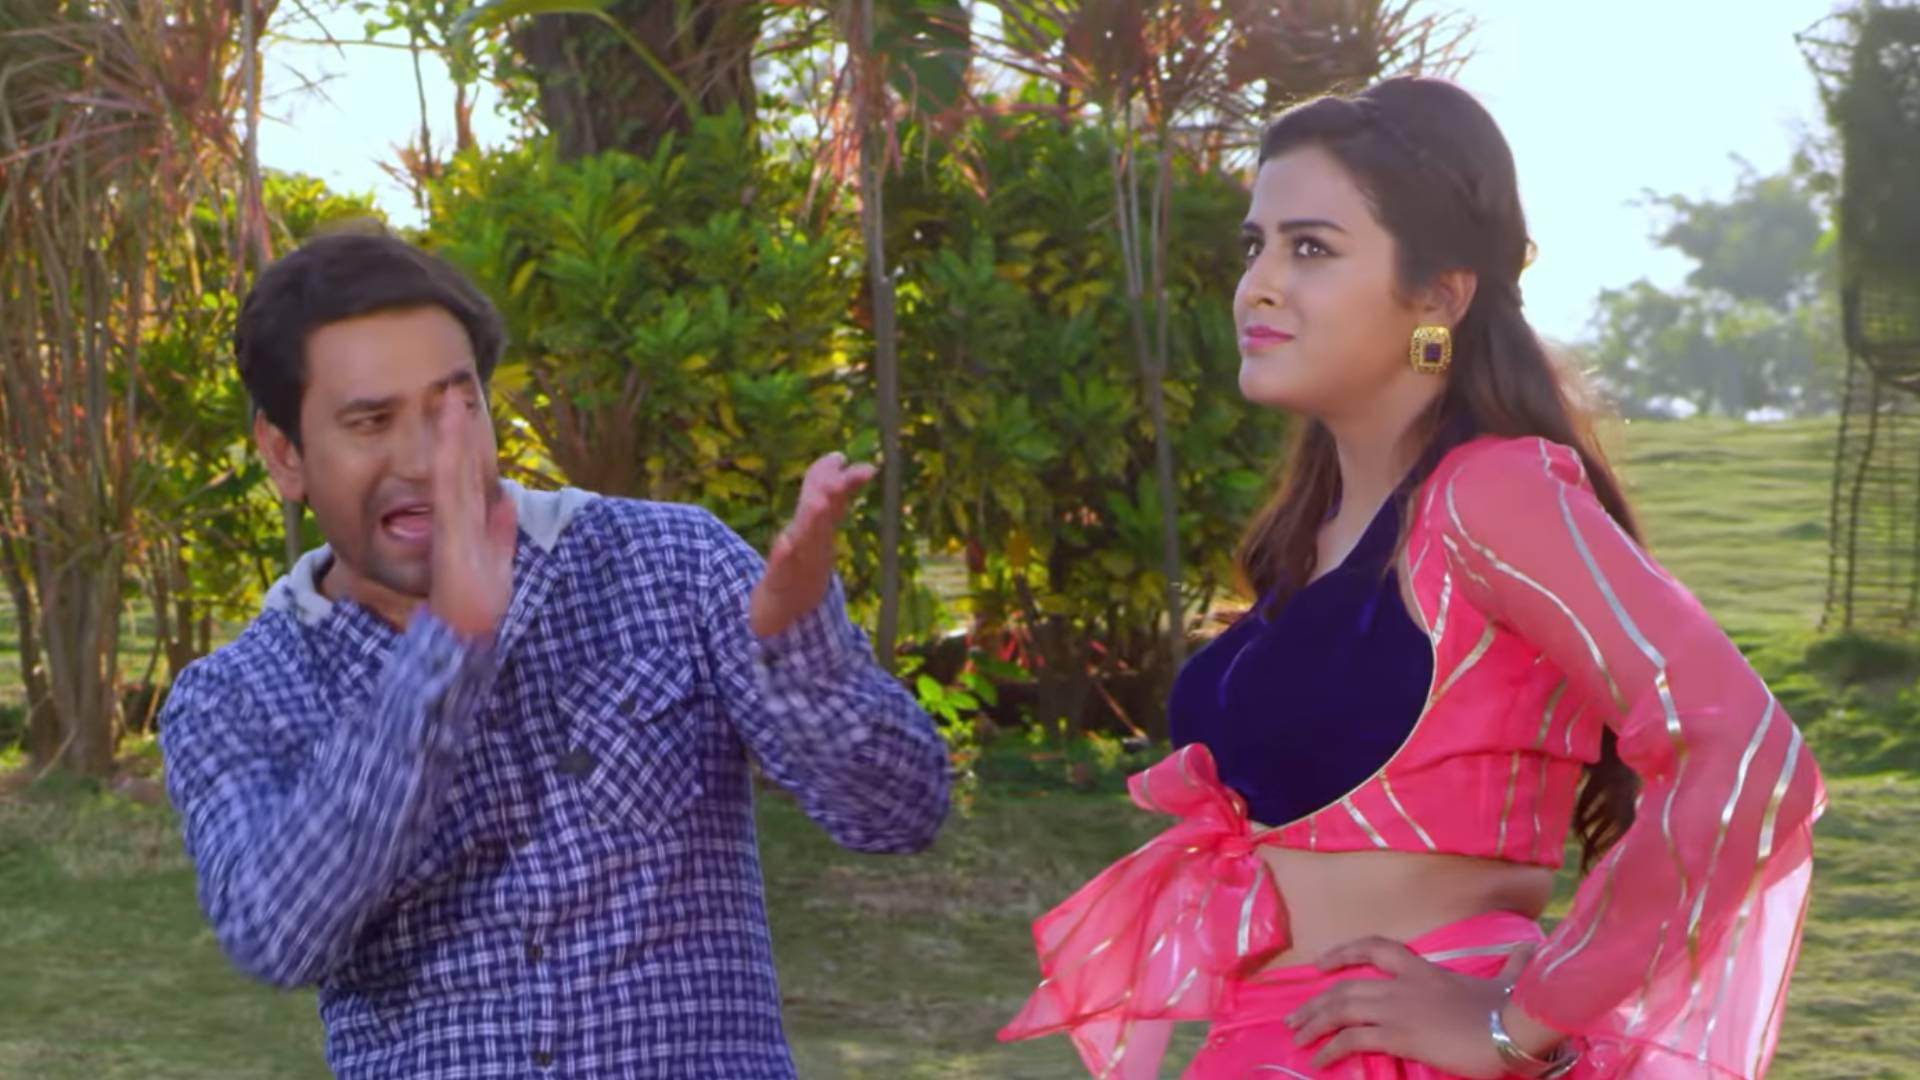 Jaawaniya Bhail Udanbaaz Song: इस सॉन्ग में दिखी निरुहुआ-यामिनी सिंह की रोमेंटिक केमिस्ट्री, देखिए ये नया गाना